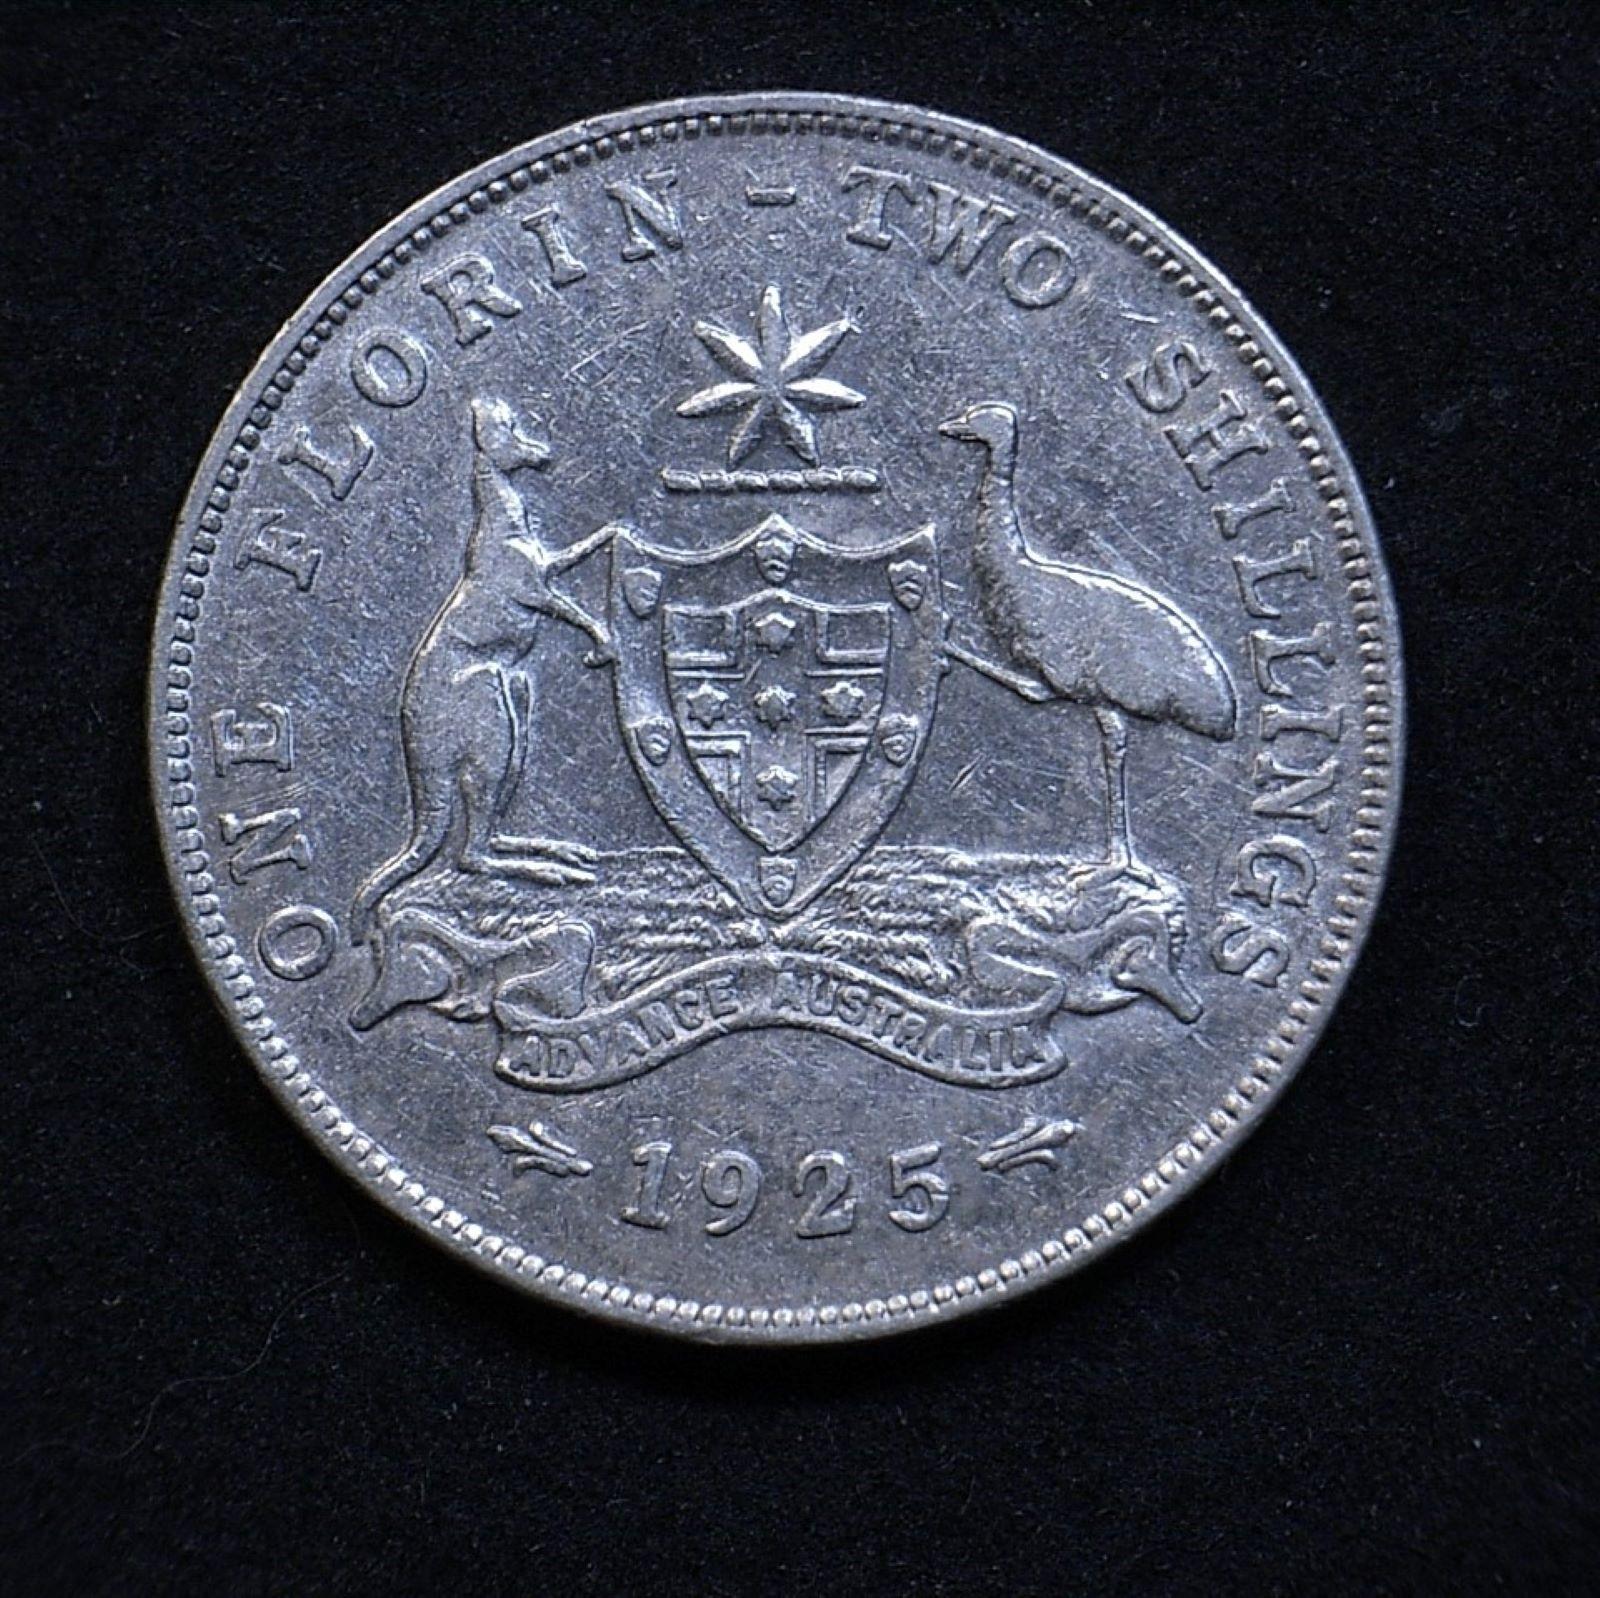 florin-1925-rev-2-1